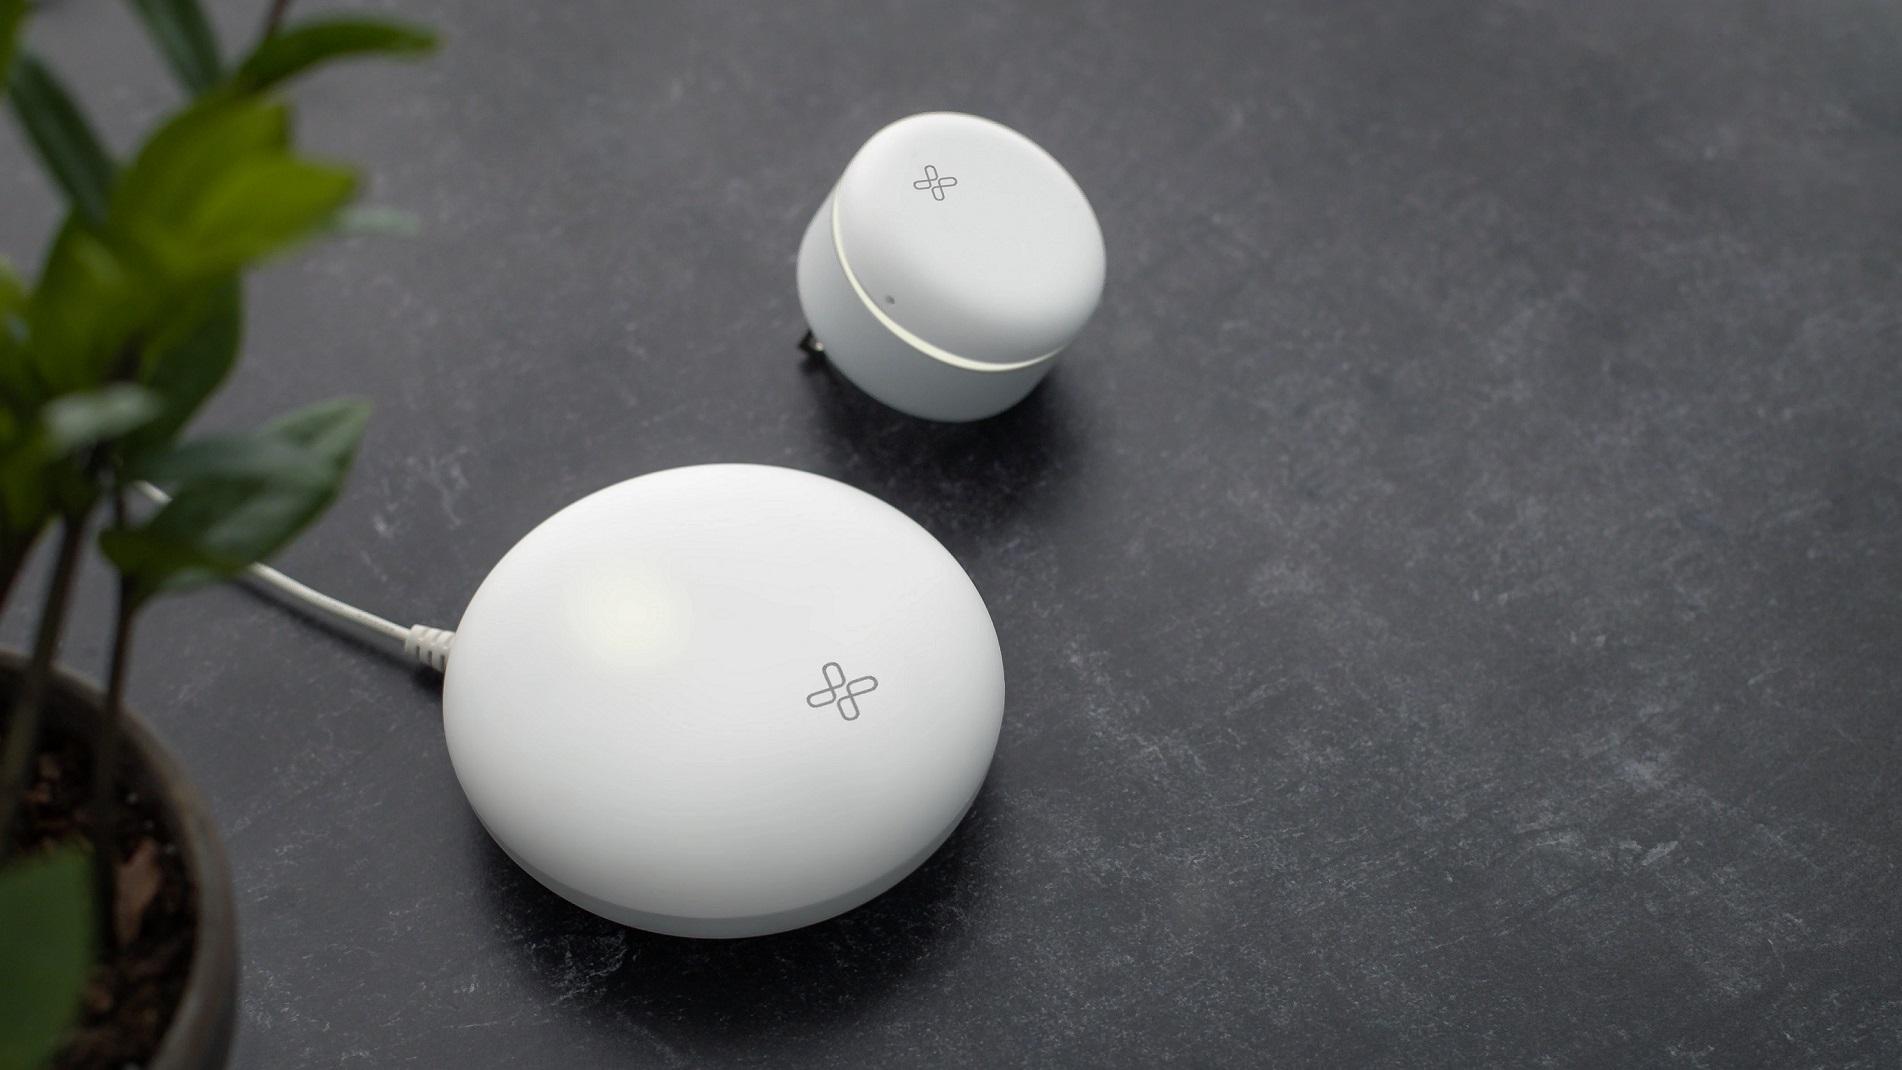 Hex Home Security - bezpieczeństwo dzięki WiFi